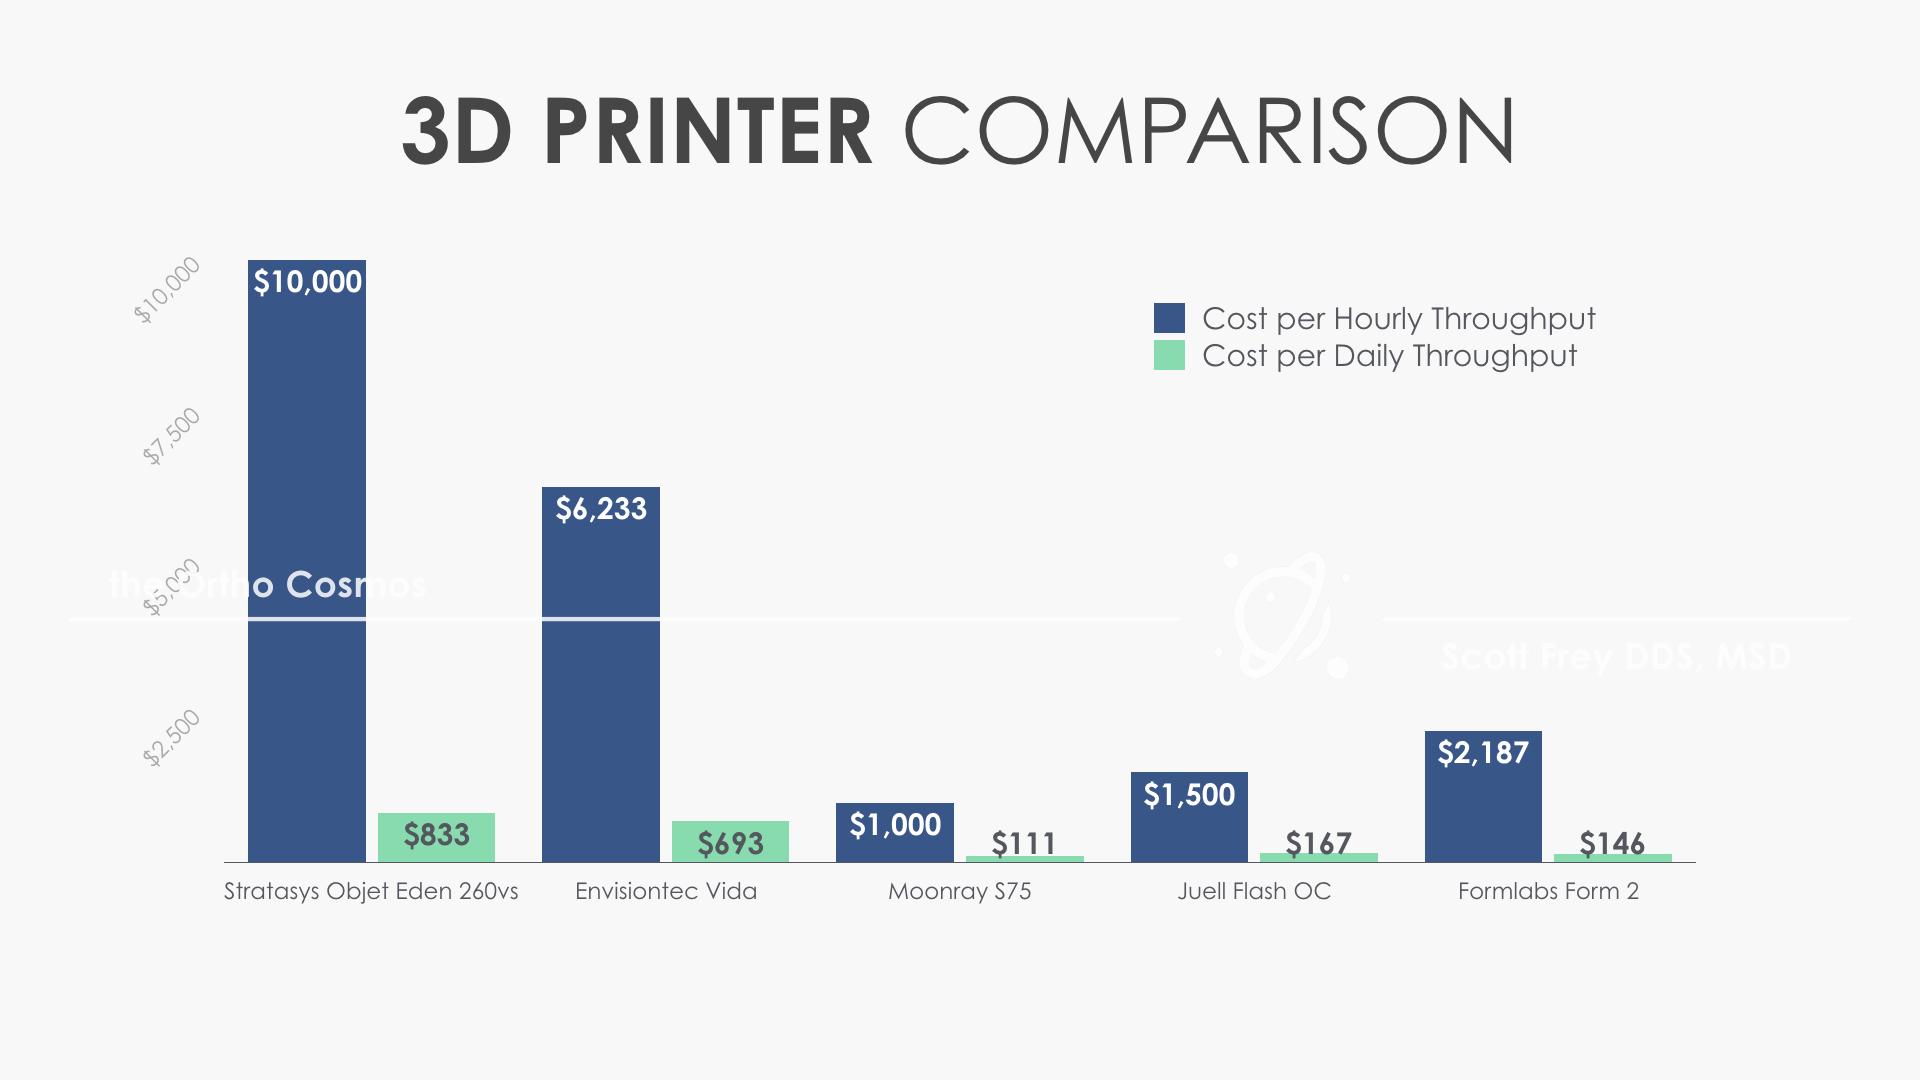 3D Printer Cost Comparison